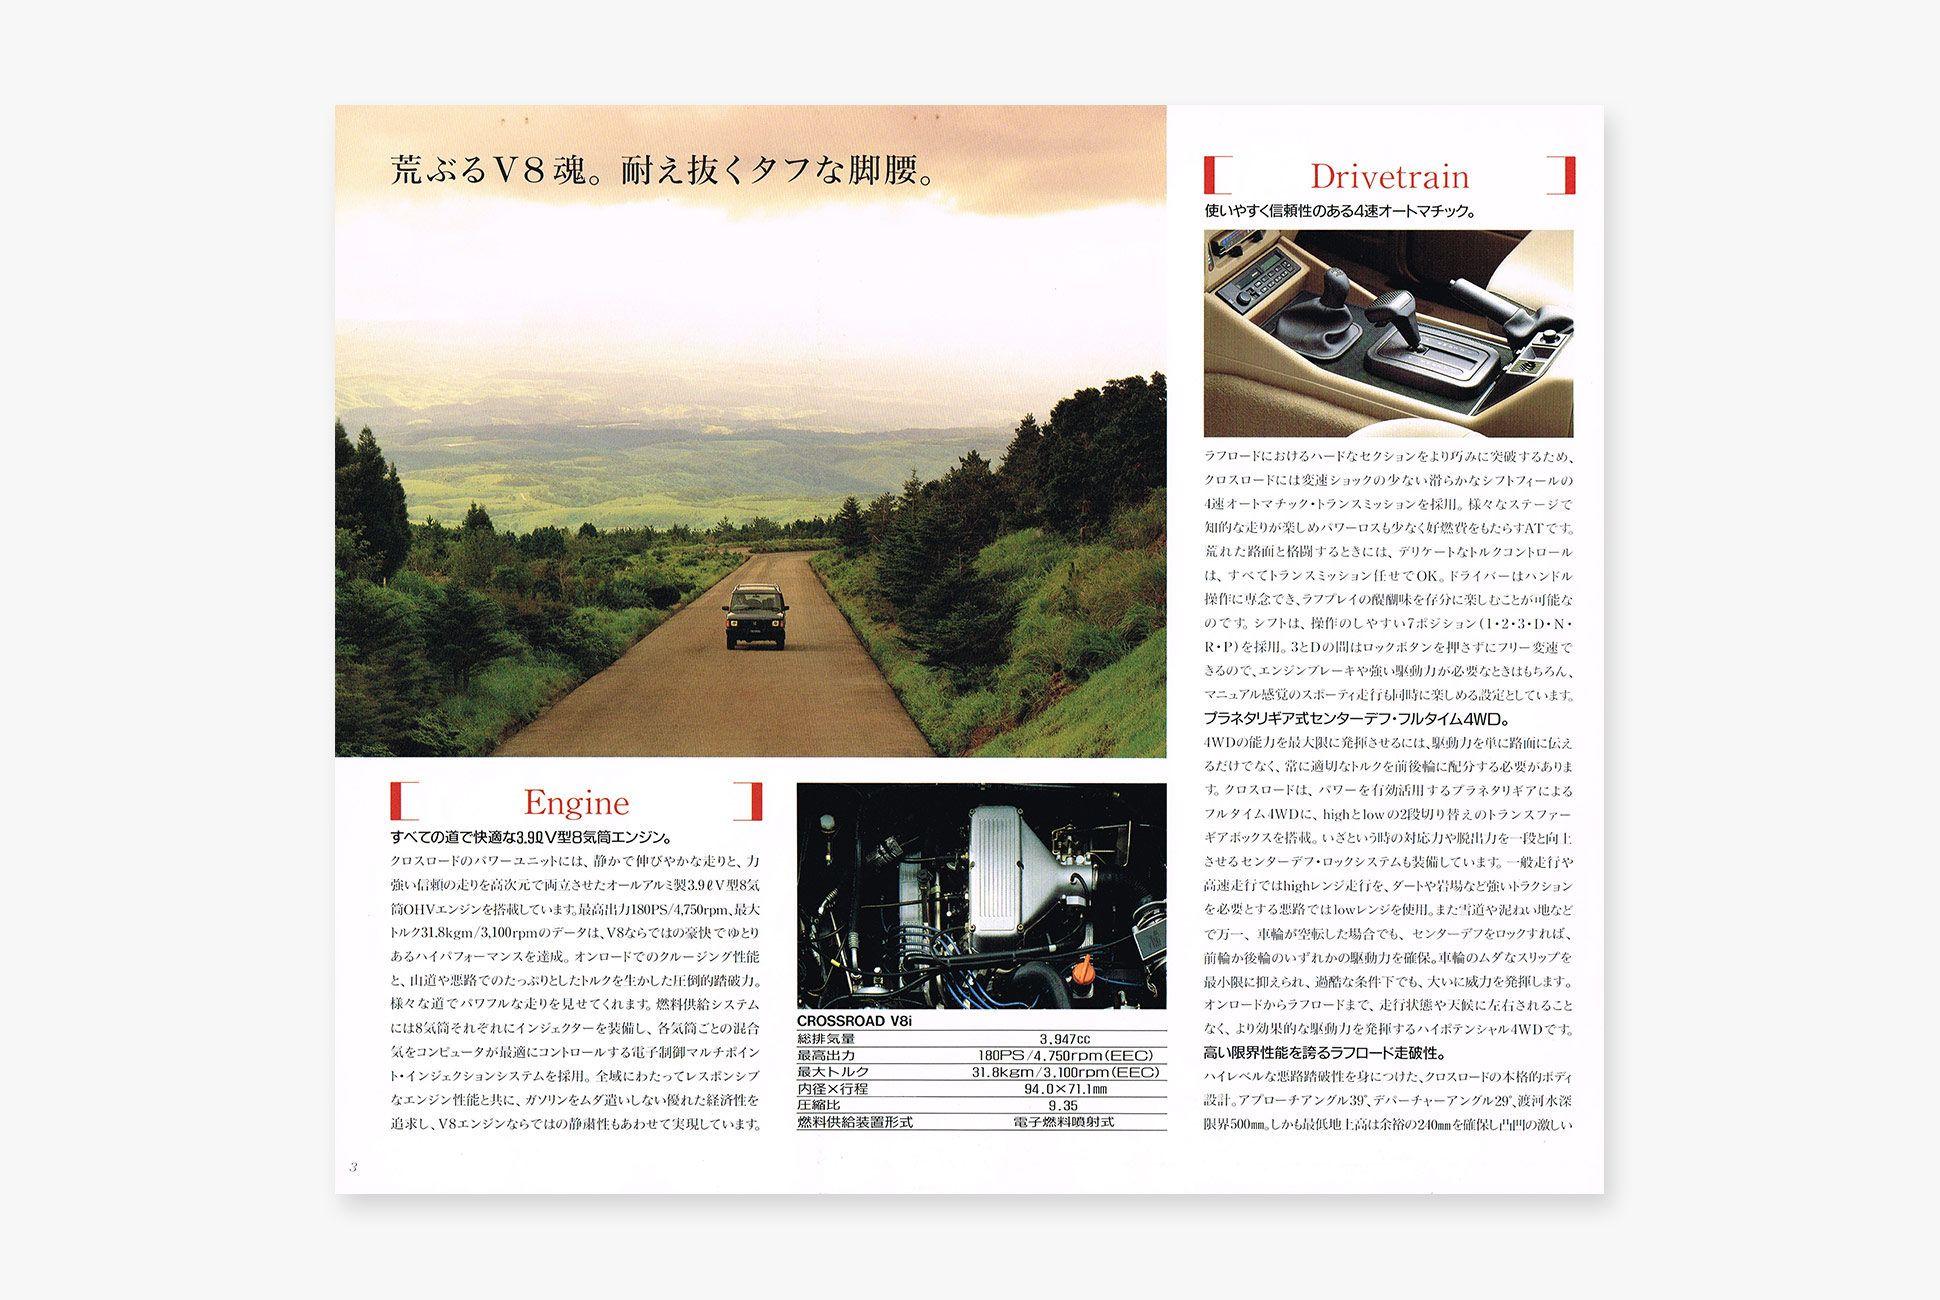 Honda-Crossroad-Land-Rover-gear-patrol-slide-6